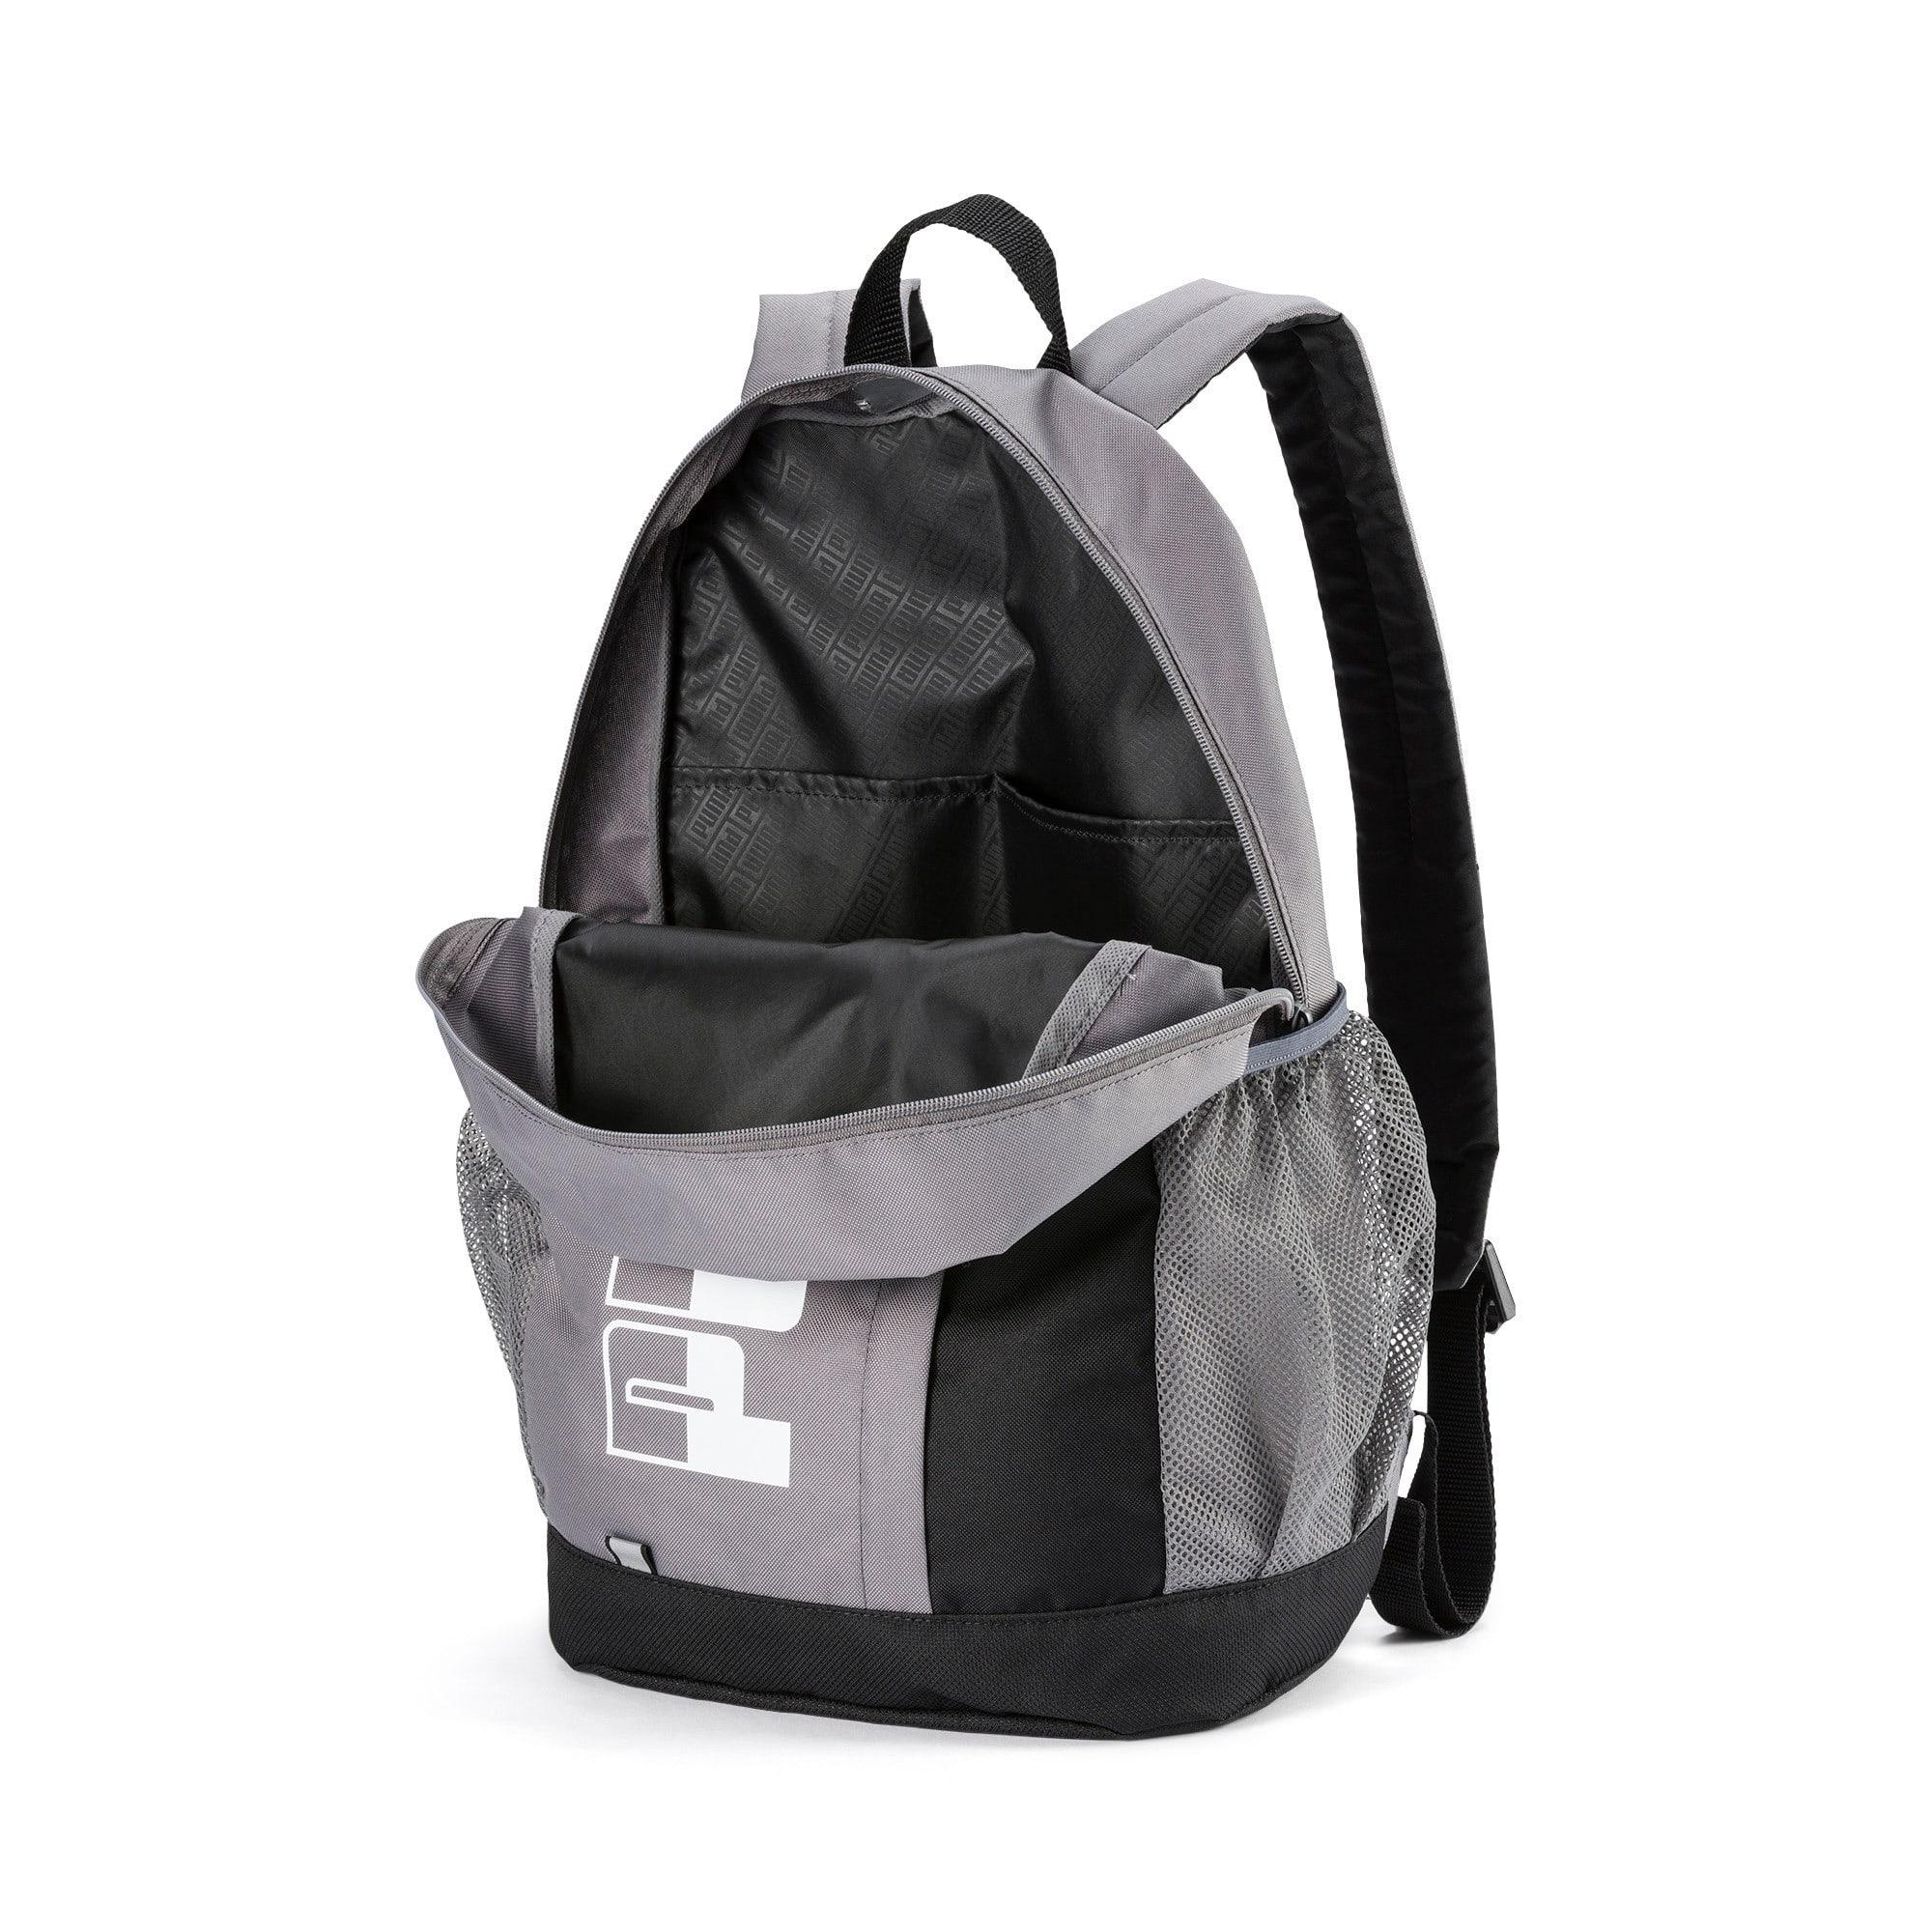 Thumbnail 3 of PUMA Plus Backpack II, CASTLEROCK-Puma Black, medium